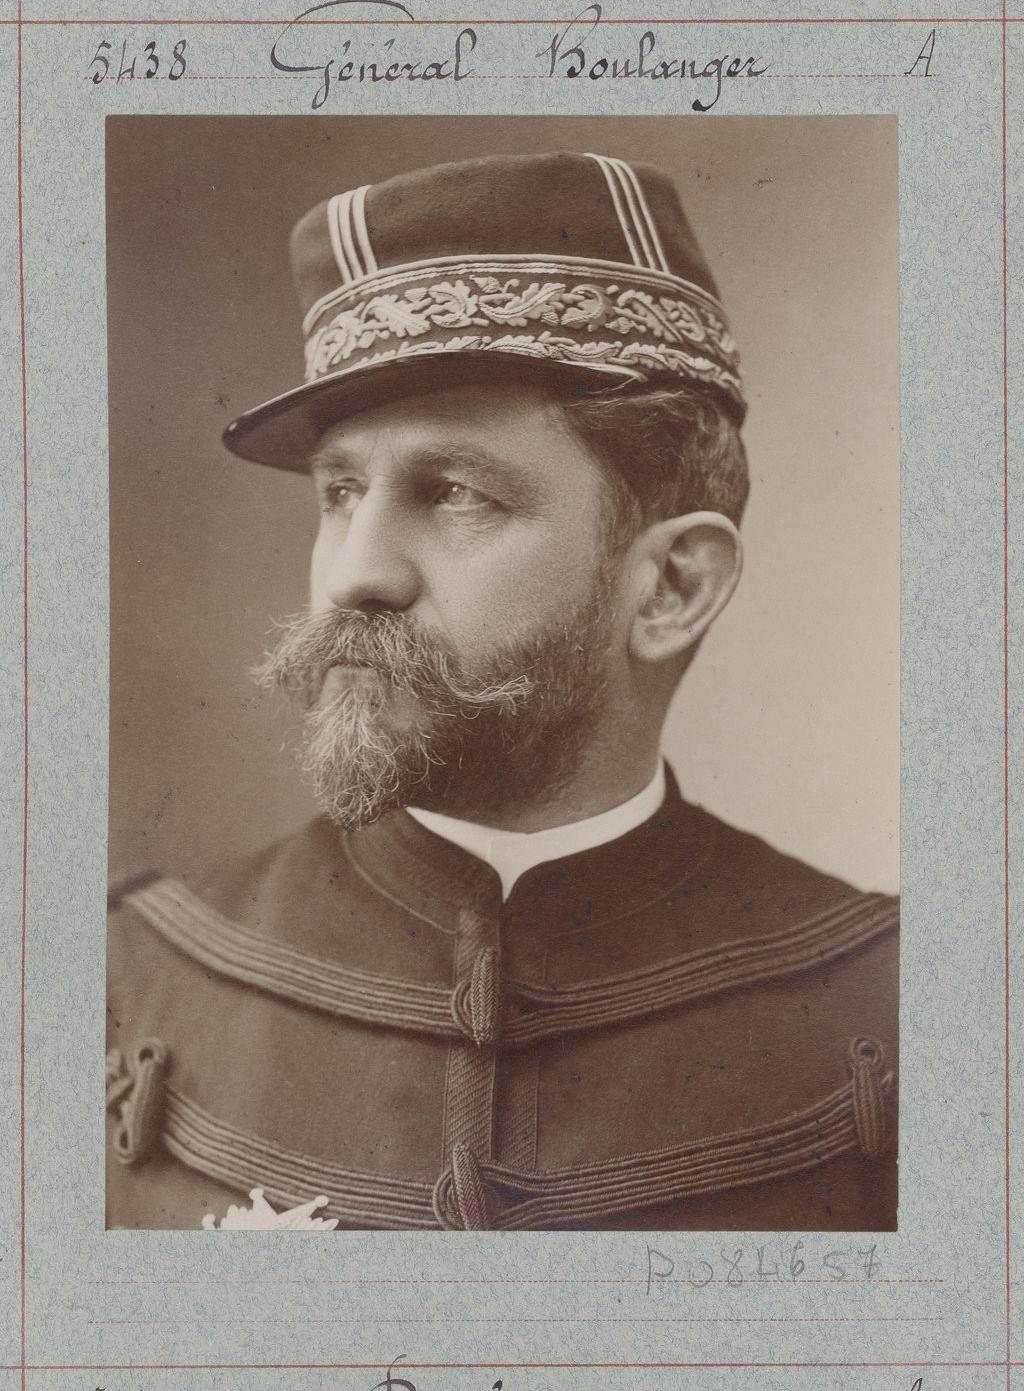 Général Boulanger , foto por Nadar, circa 1875-1895 (Gallica, BNF).